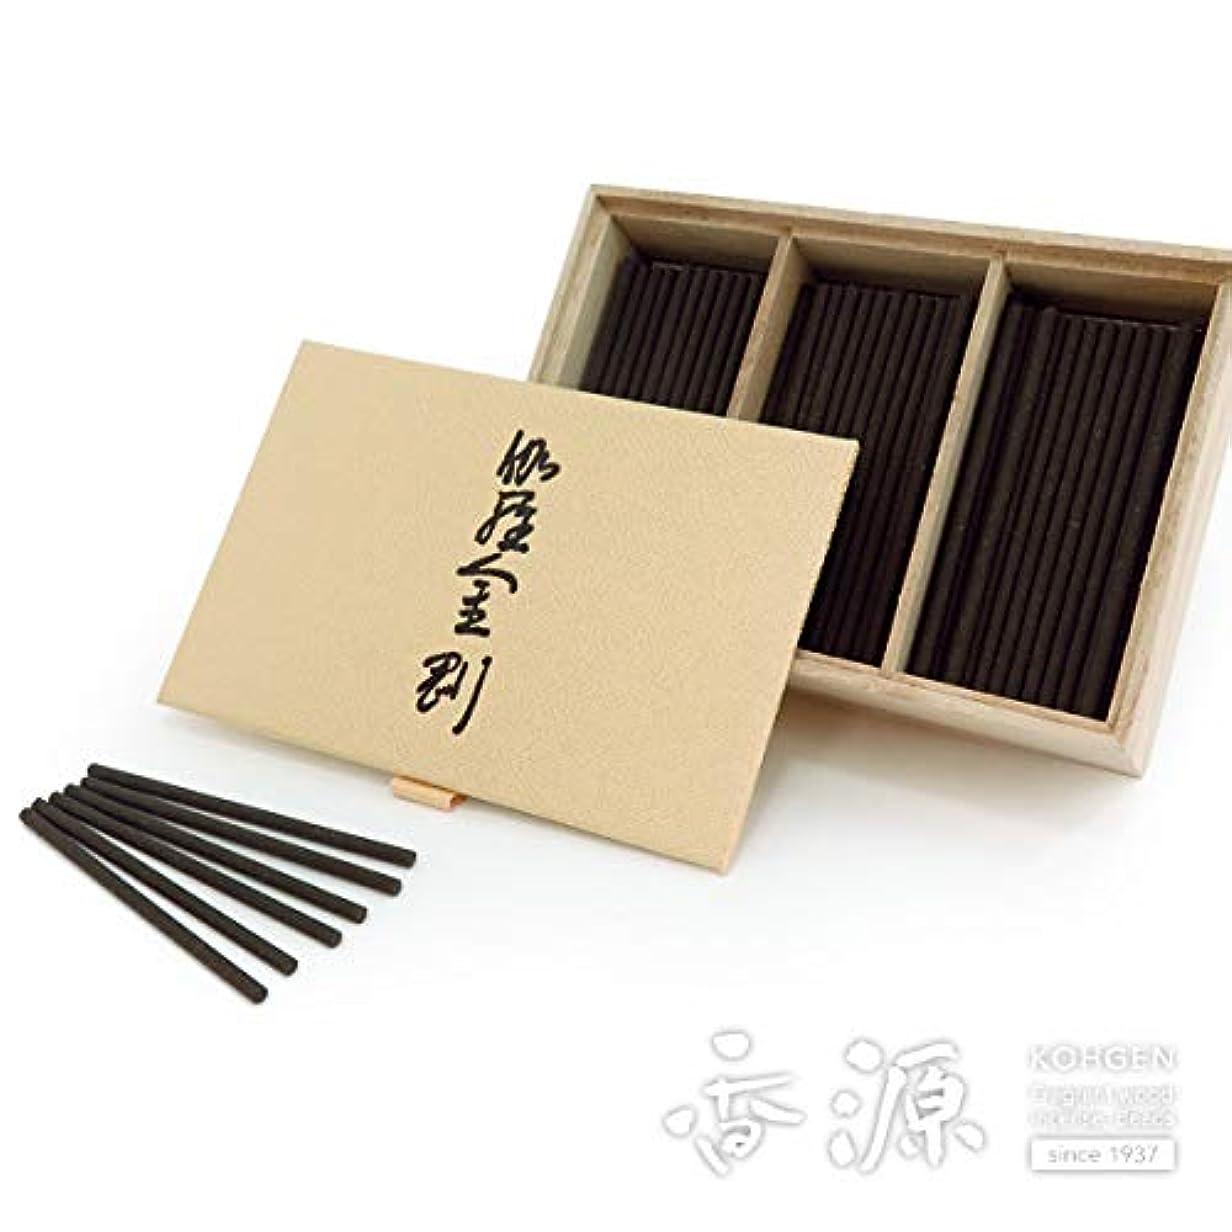 やむを得ない完璧審判日本香堂のお香 伽羅金剛 スティックミニ寸お徳用 150本入り